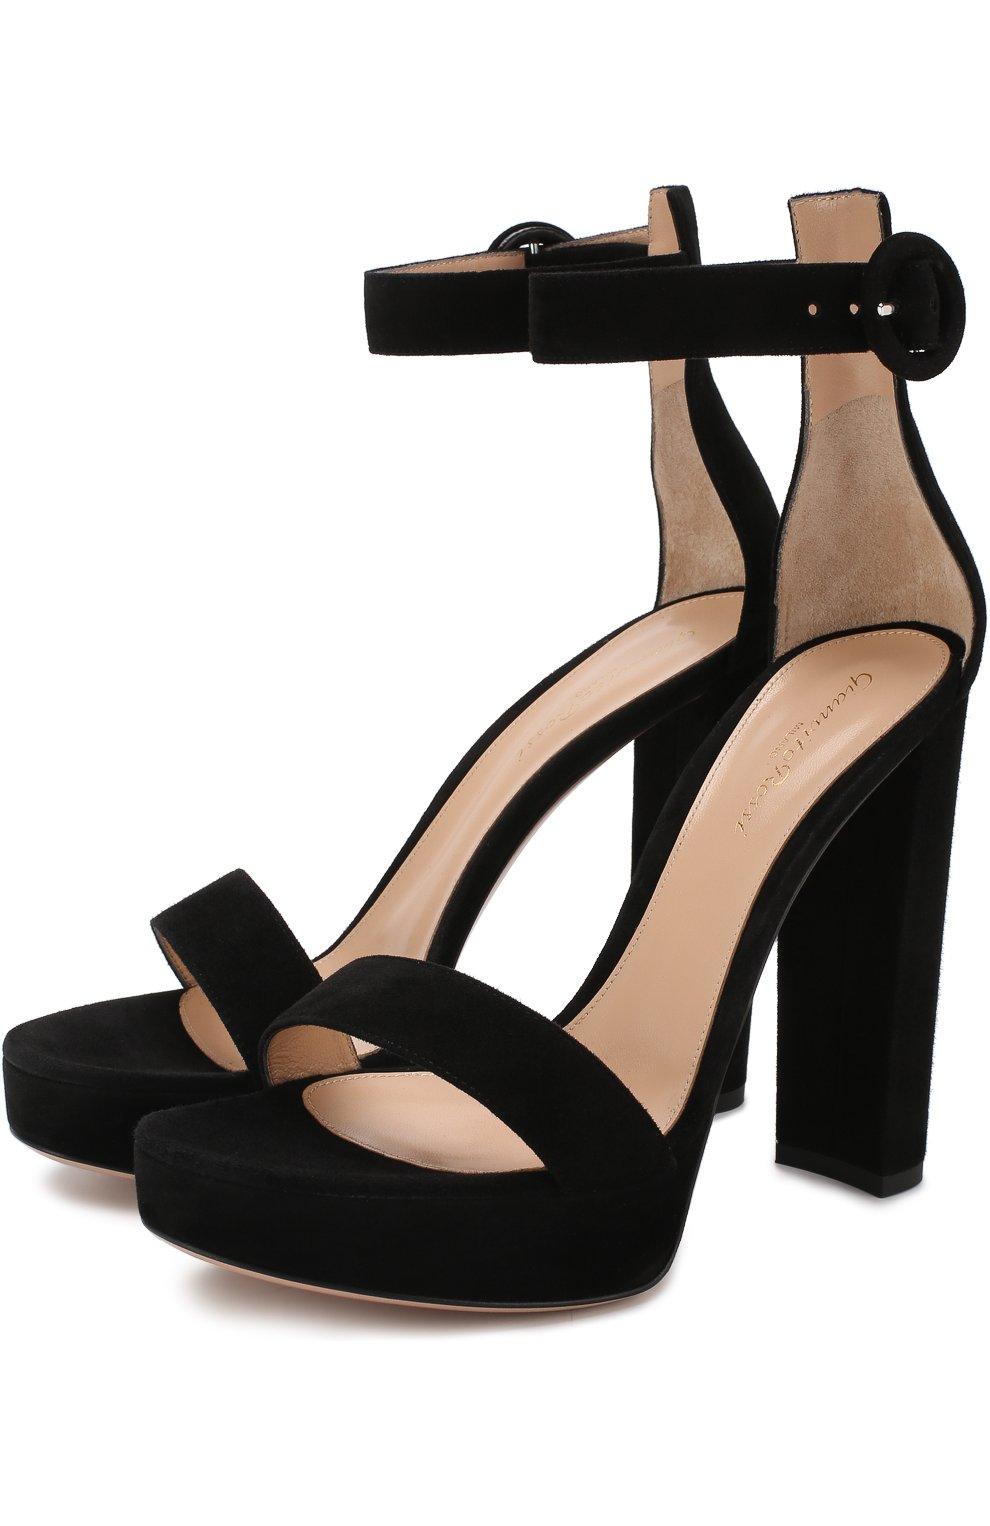 272d56cb9 Женские черные замшевые босоножки на устойчивом каблуке и платформе  GIANVITO ROSSI Италия 5274806 G61124.00RIC.CAMNER0 - купить - Цена В Рублях